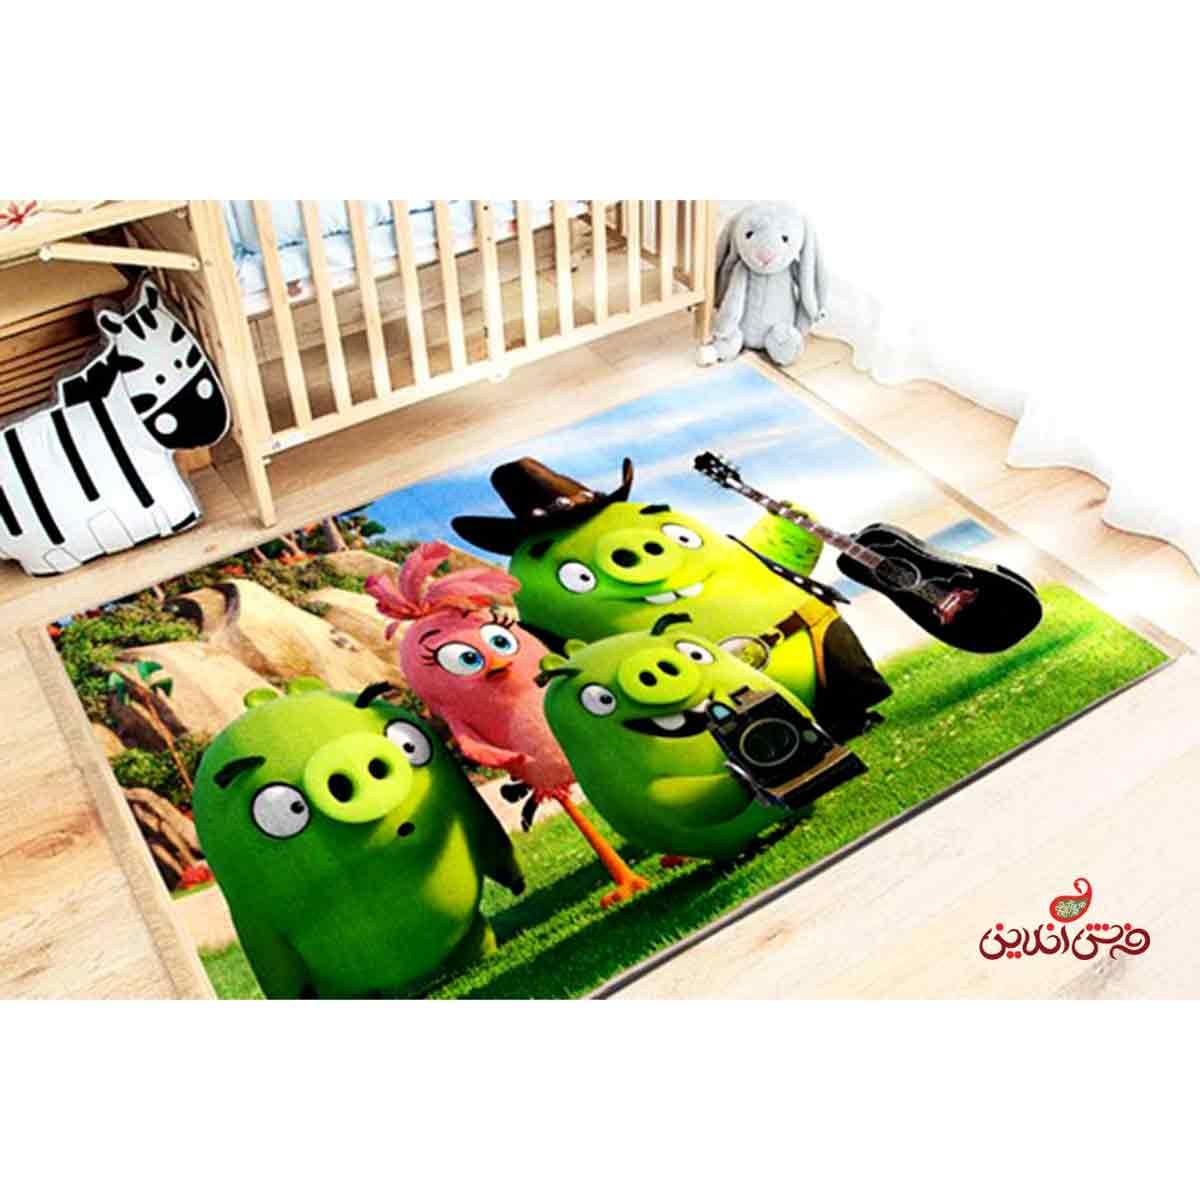 فرش ماشینی کودک کلاریس طرح پرندگان خشمگین کد 100225